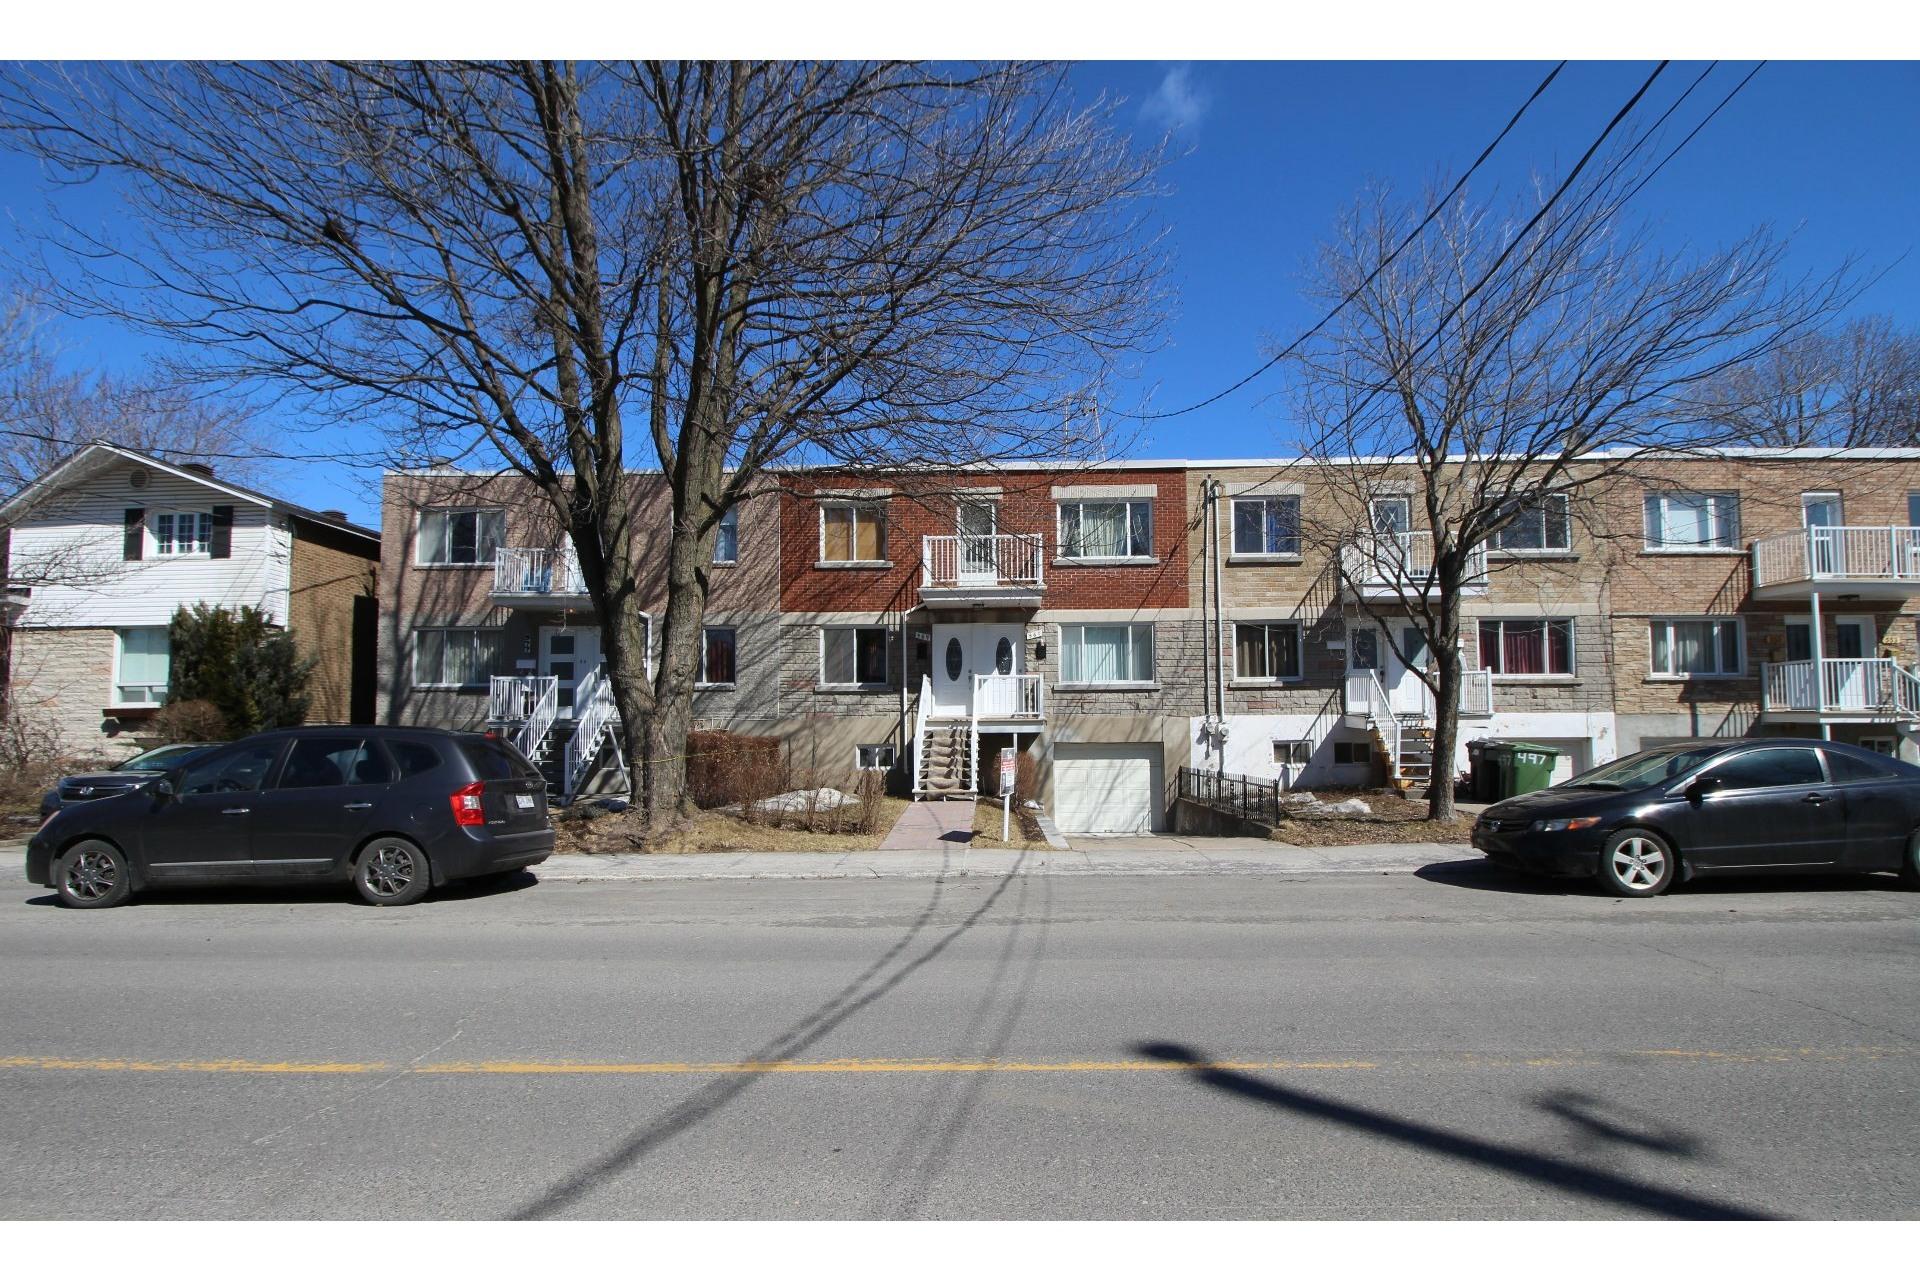 image 20 - Duplex À vendre Montréal Rivière-des-Prairies/Pointe-aux-Trembles  - 6 pièces